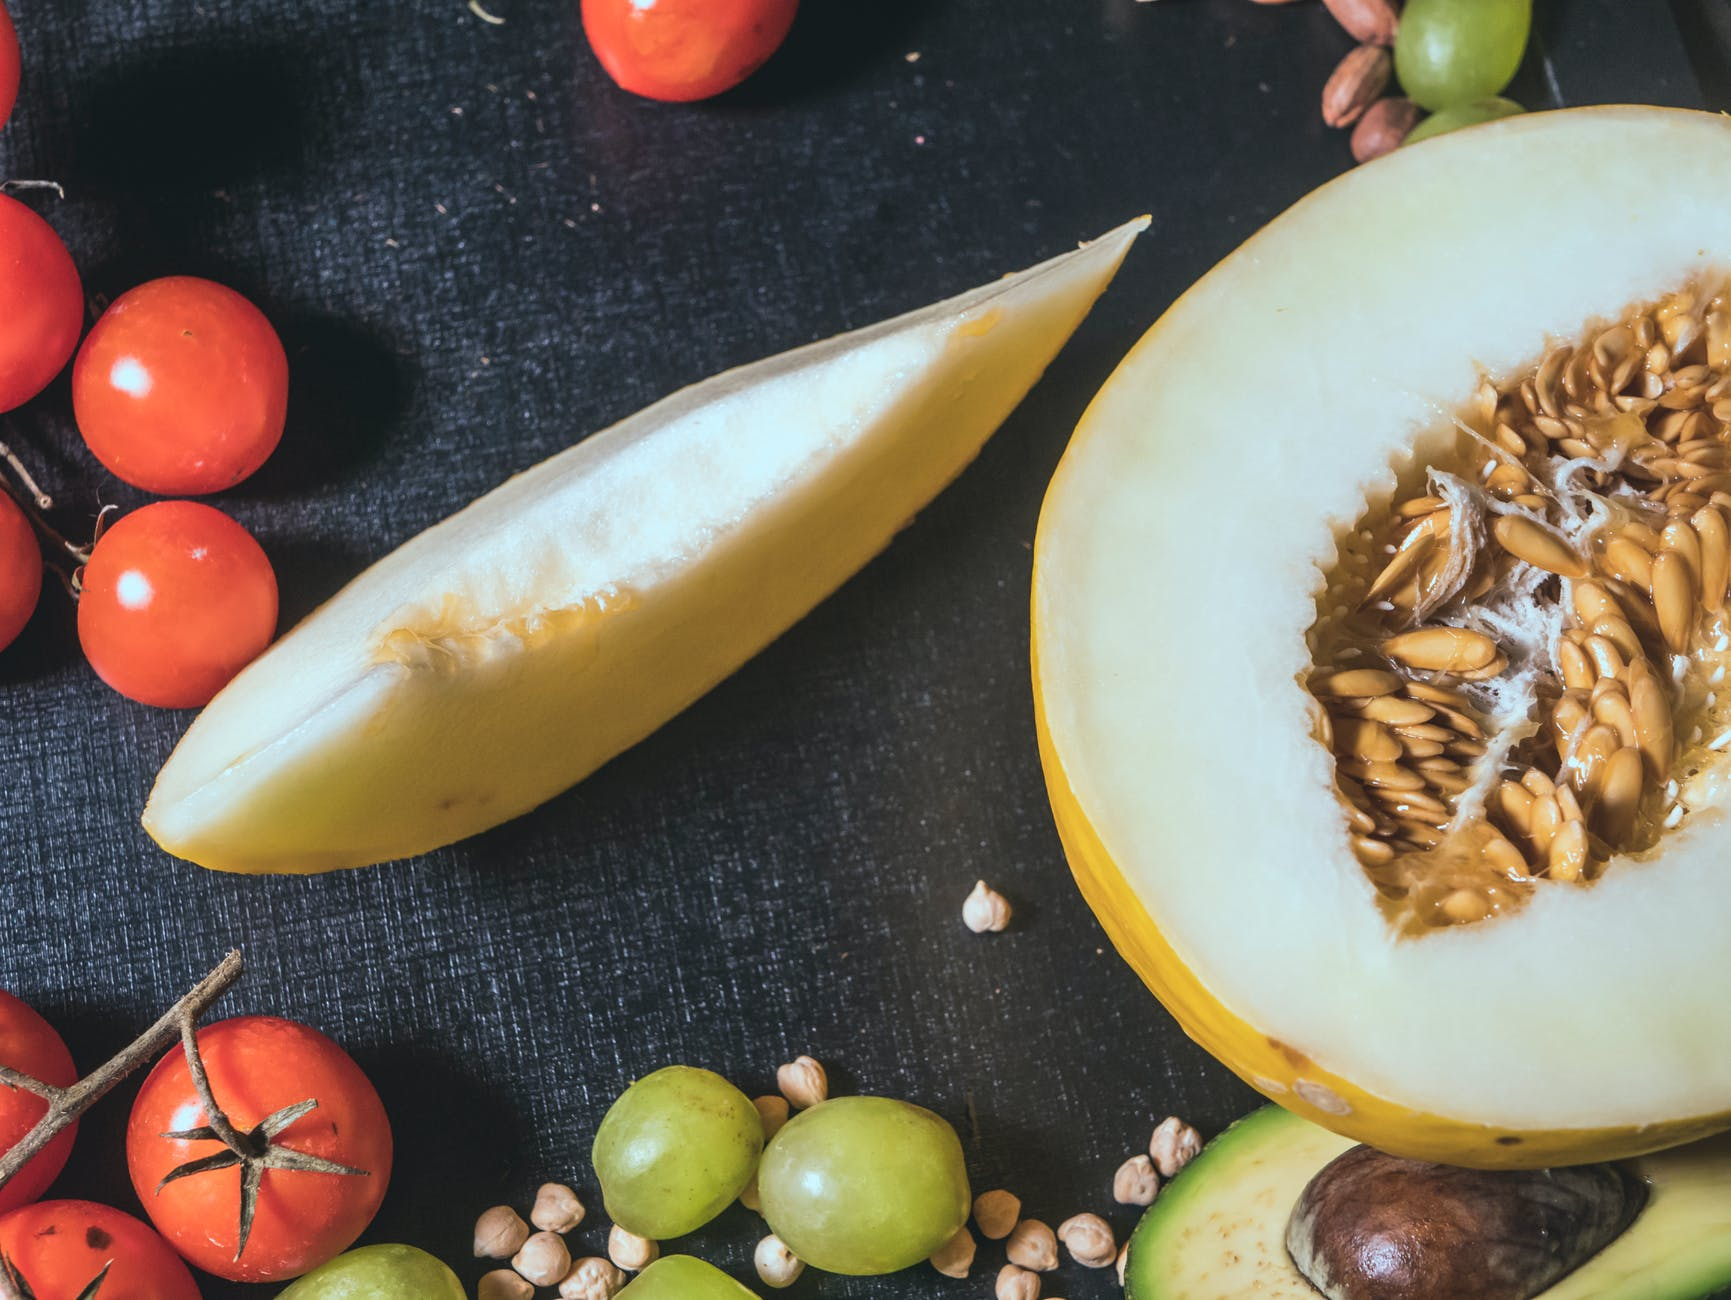 Melon utuh Jangan Diletakkan di Dalam Kulkas